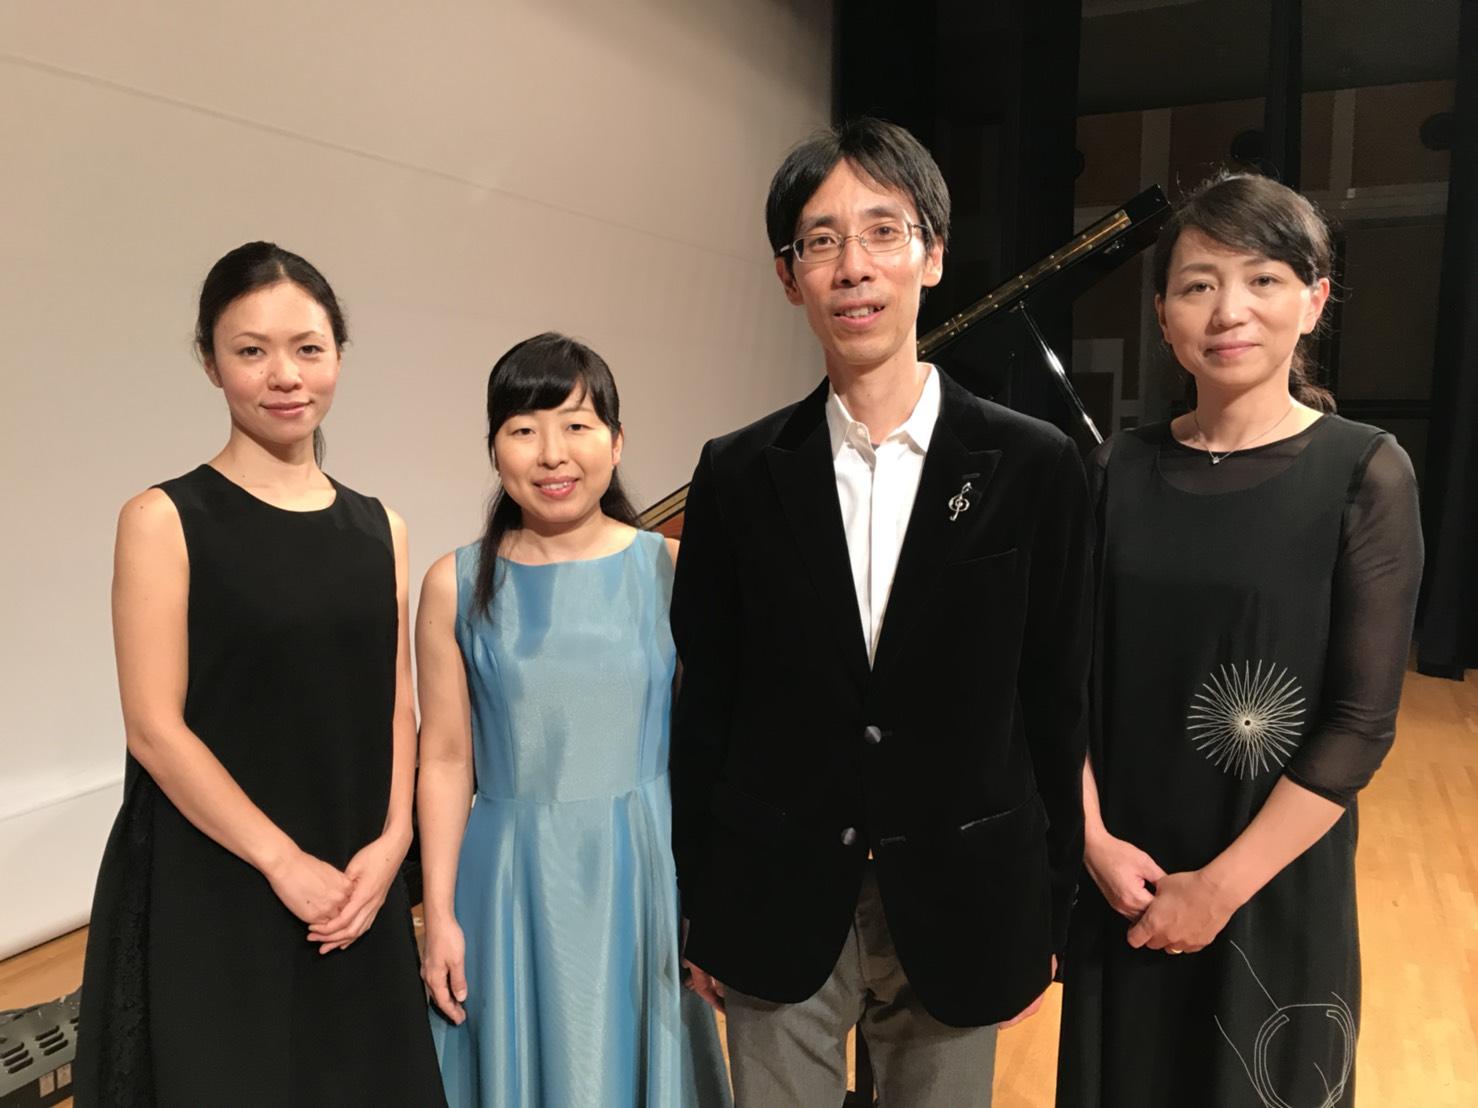 兵庫県姫路市のピアノ音楽教室|ピア音楽院